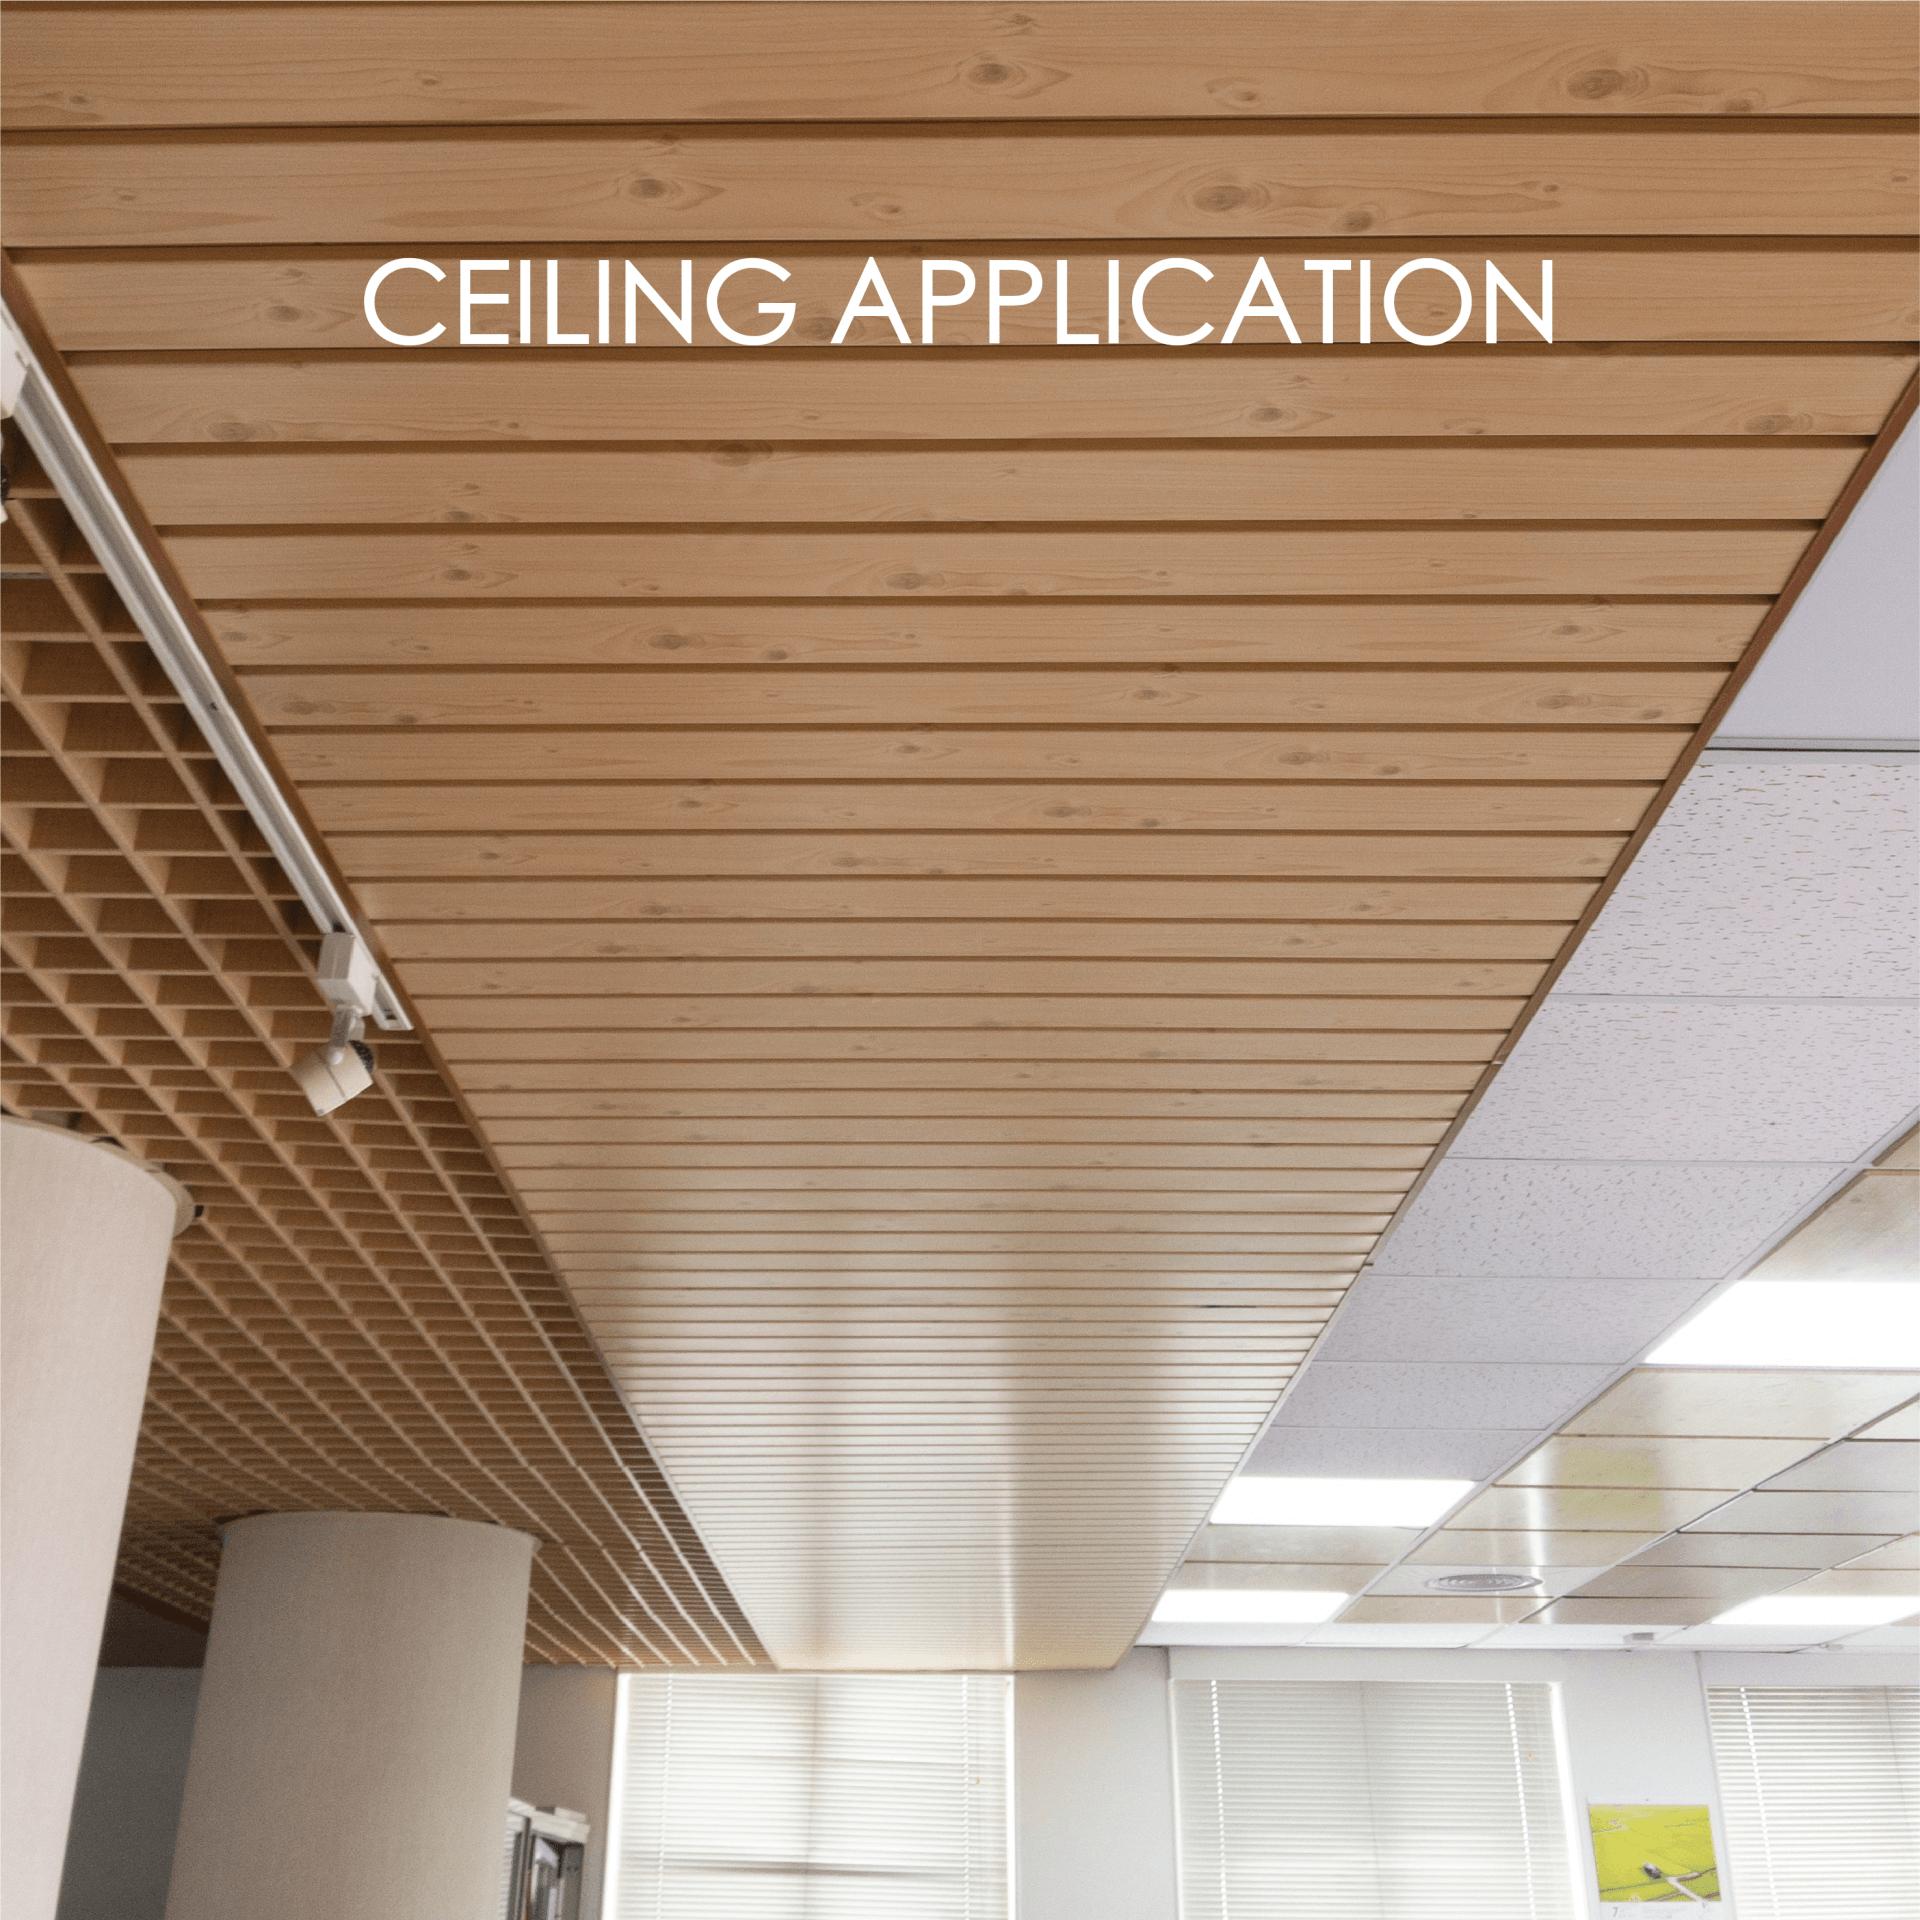 Việc sử dụng kim loại tráng để làm trần nhà thêm trang trí và độ bền